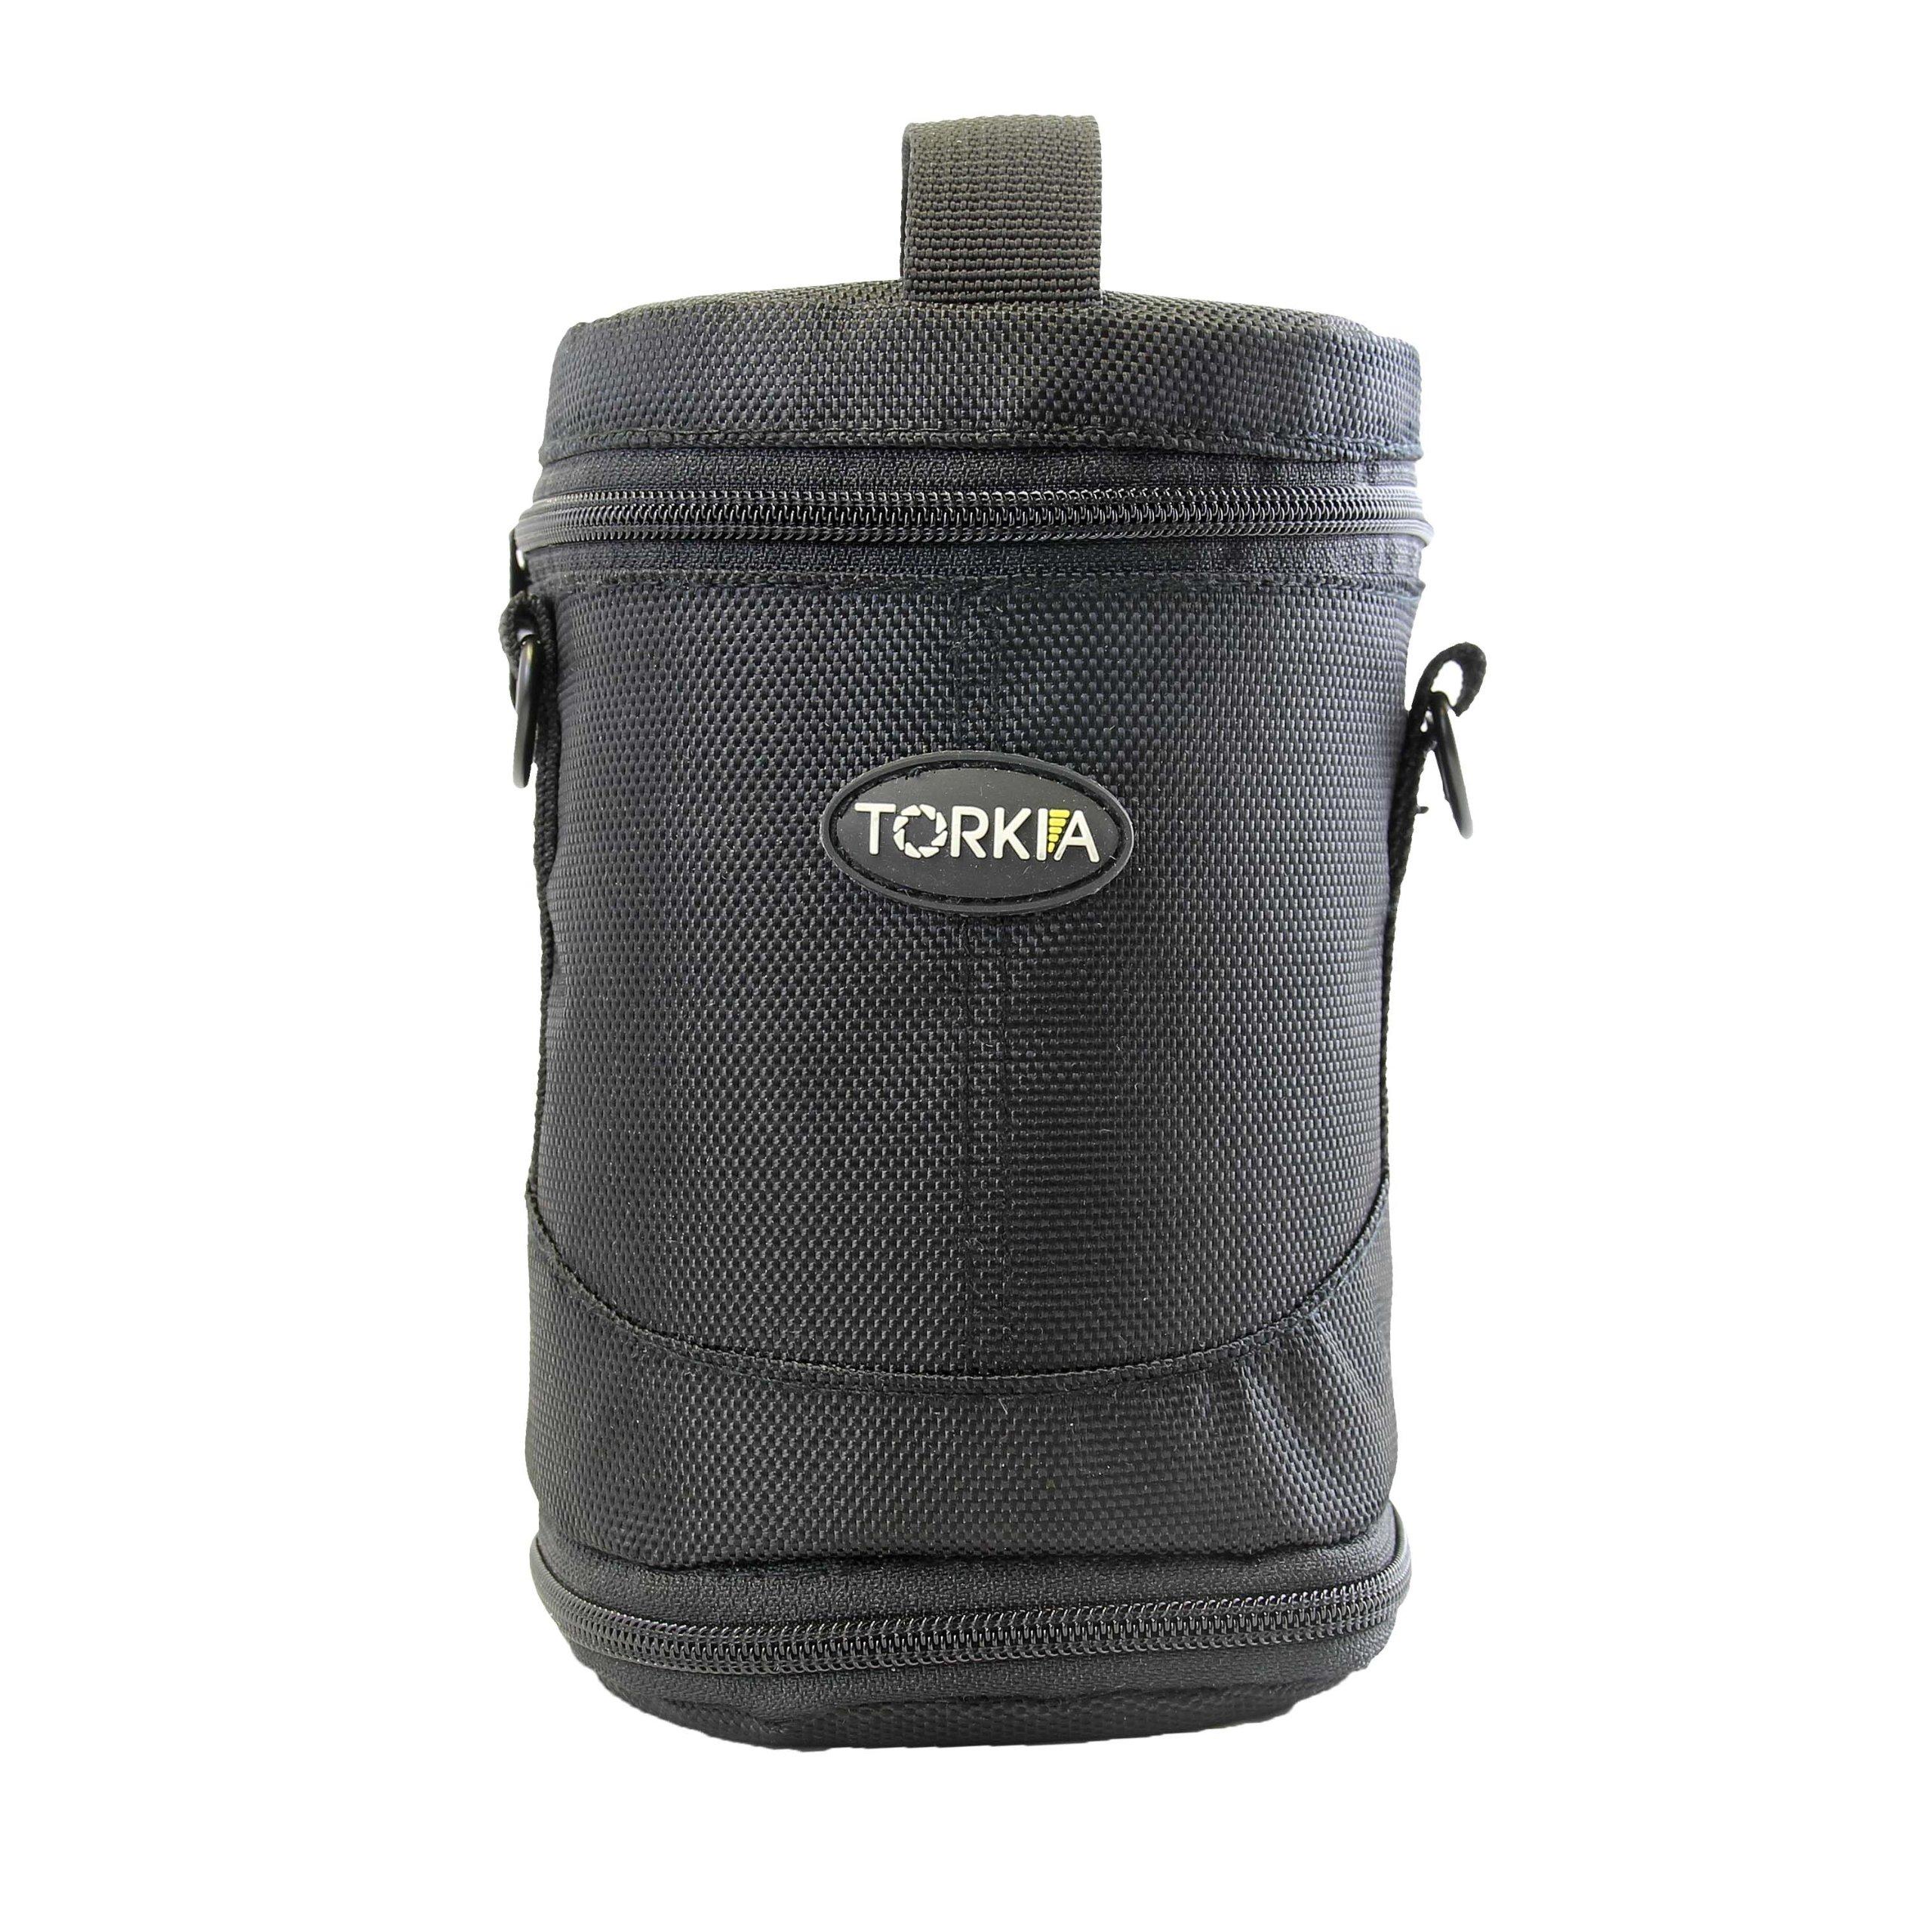 Torkia Padded Lens Case for Nikon 70-300, Nikon 18-200, Nikon 55-300, Nikon 55-200 Lenses by Torkia